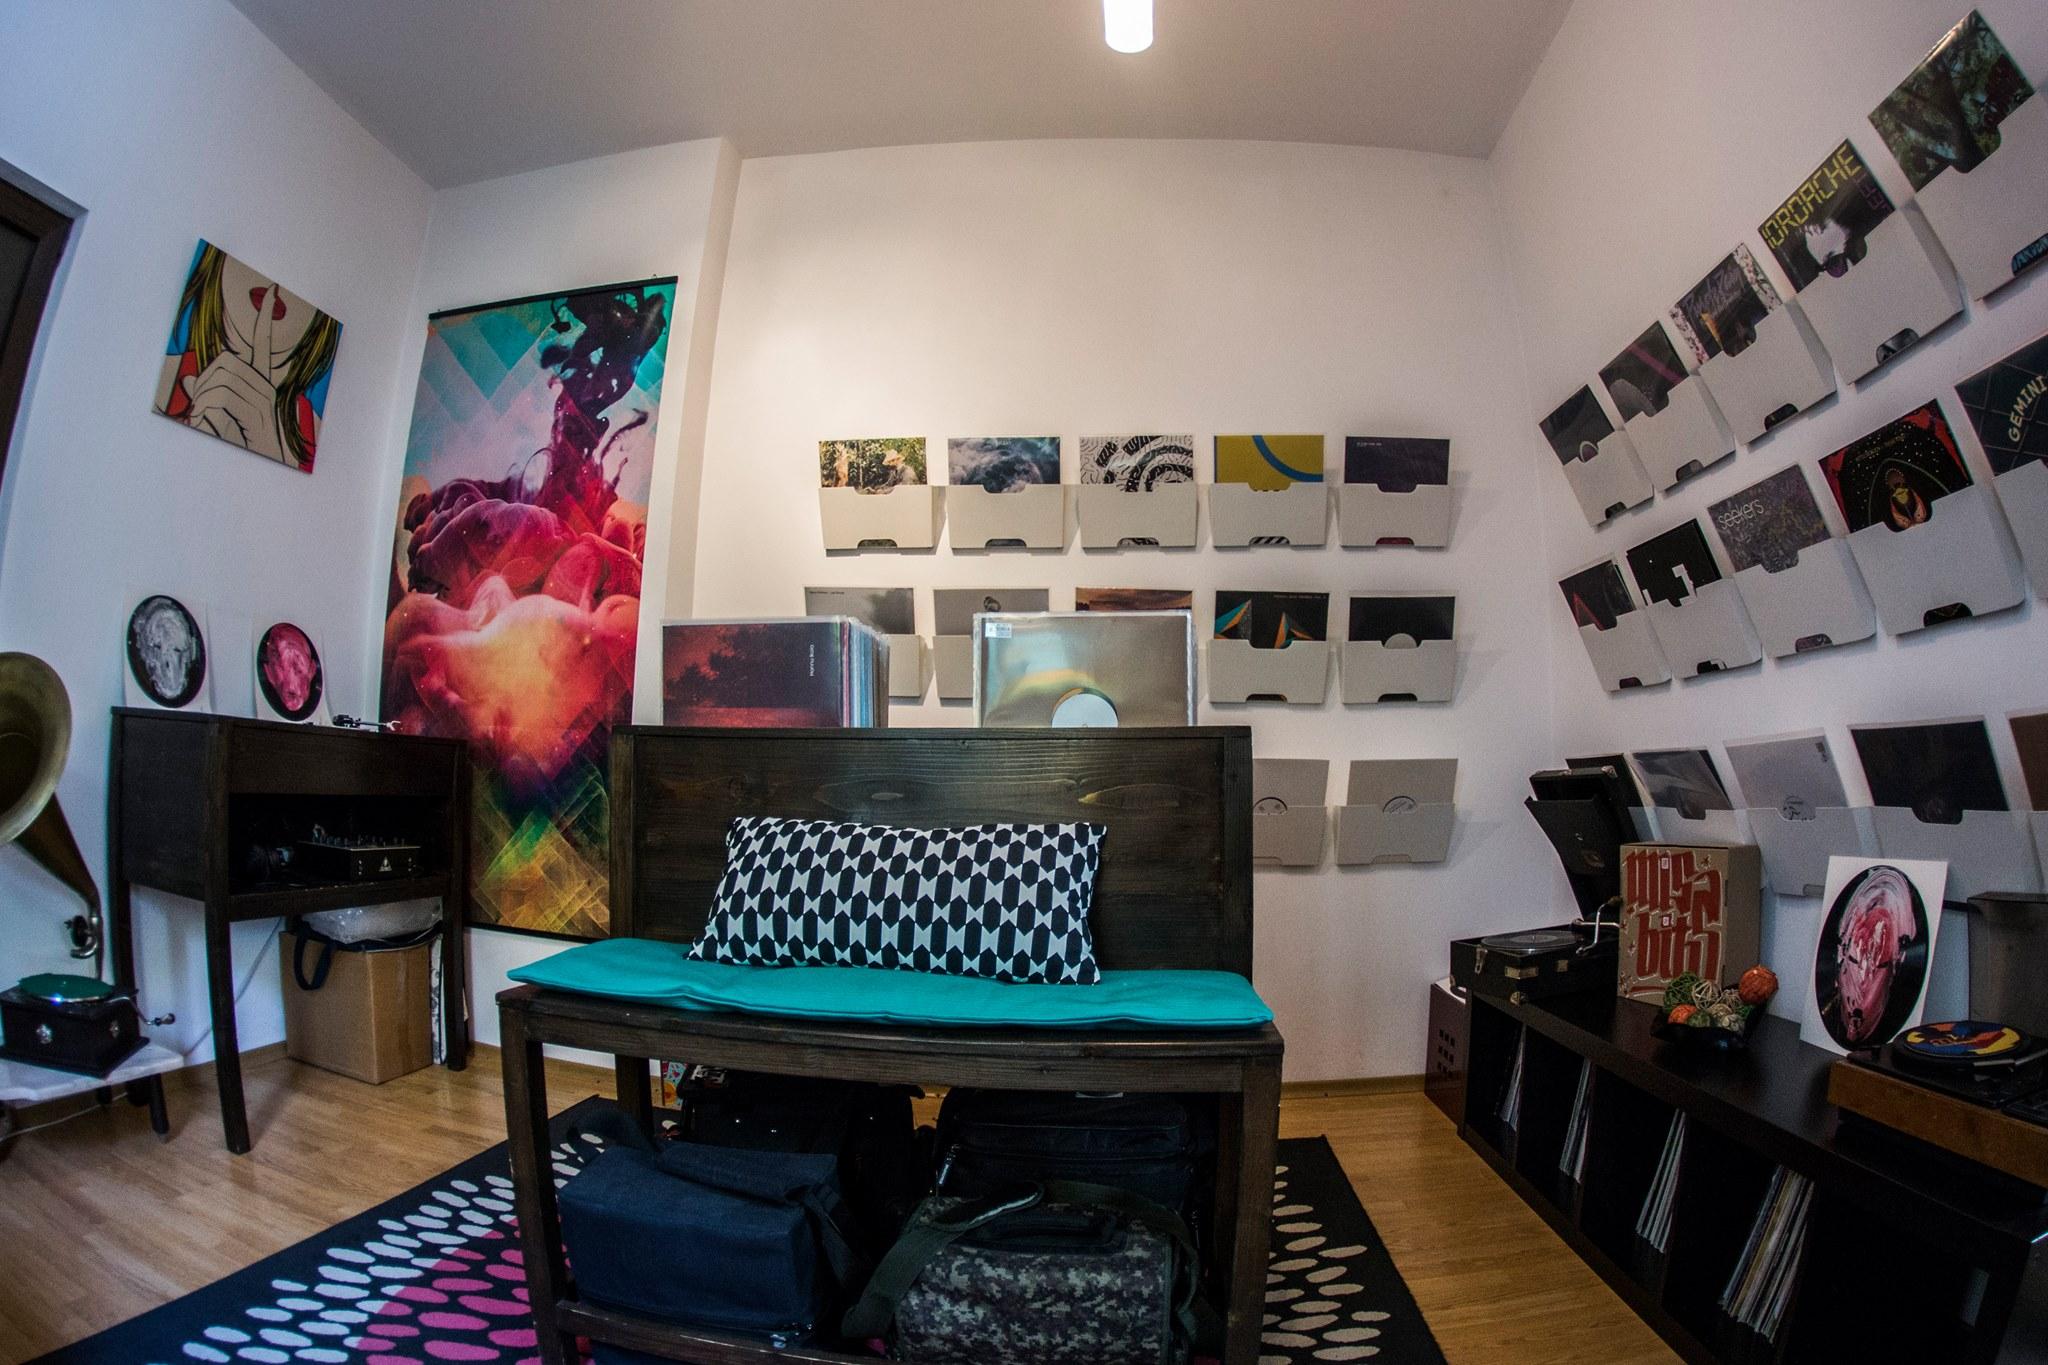 O porție sănătoasă de tech house: 5 recomandări pe vinil de la Misbits Record Shop